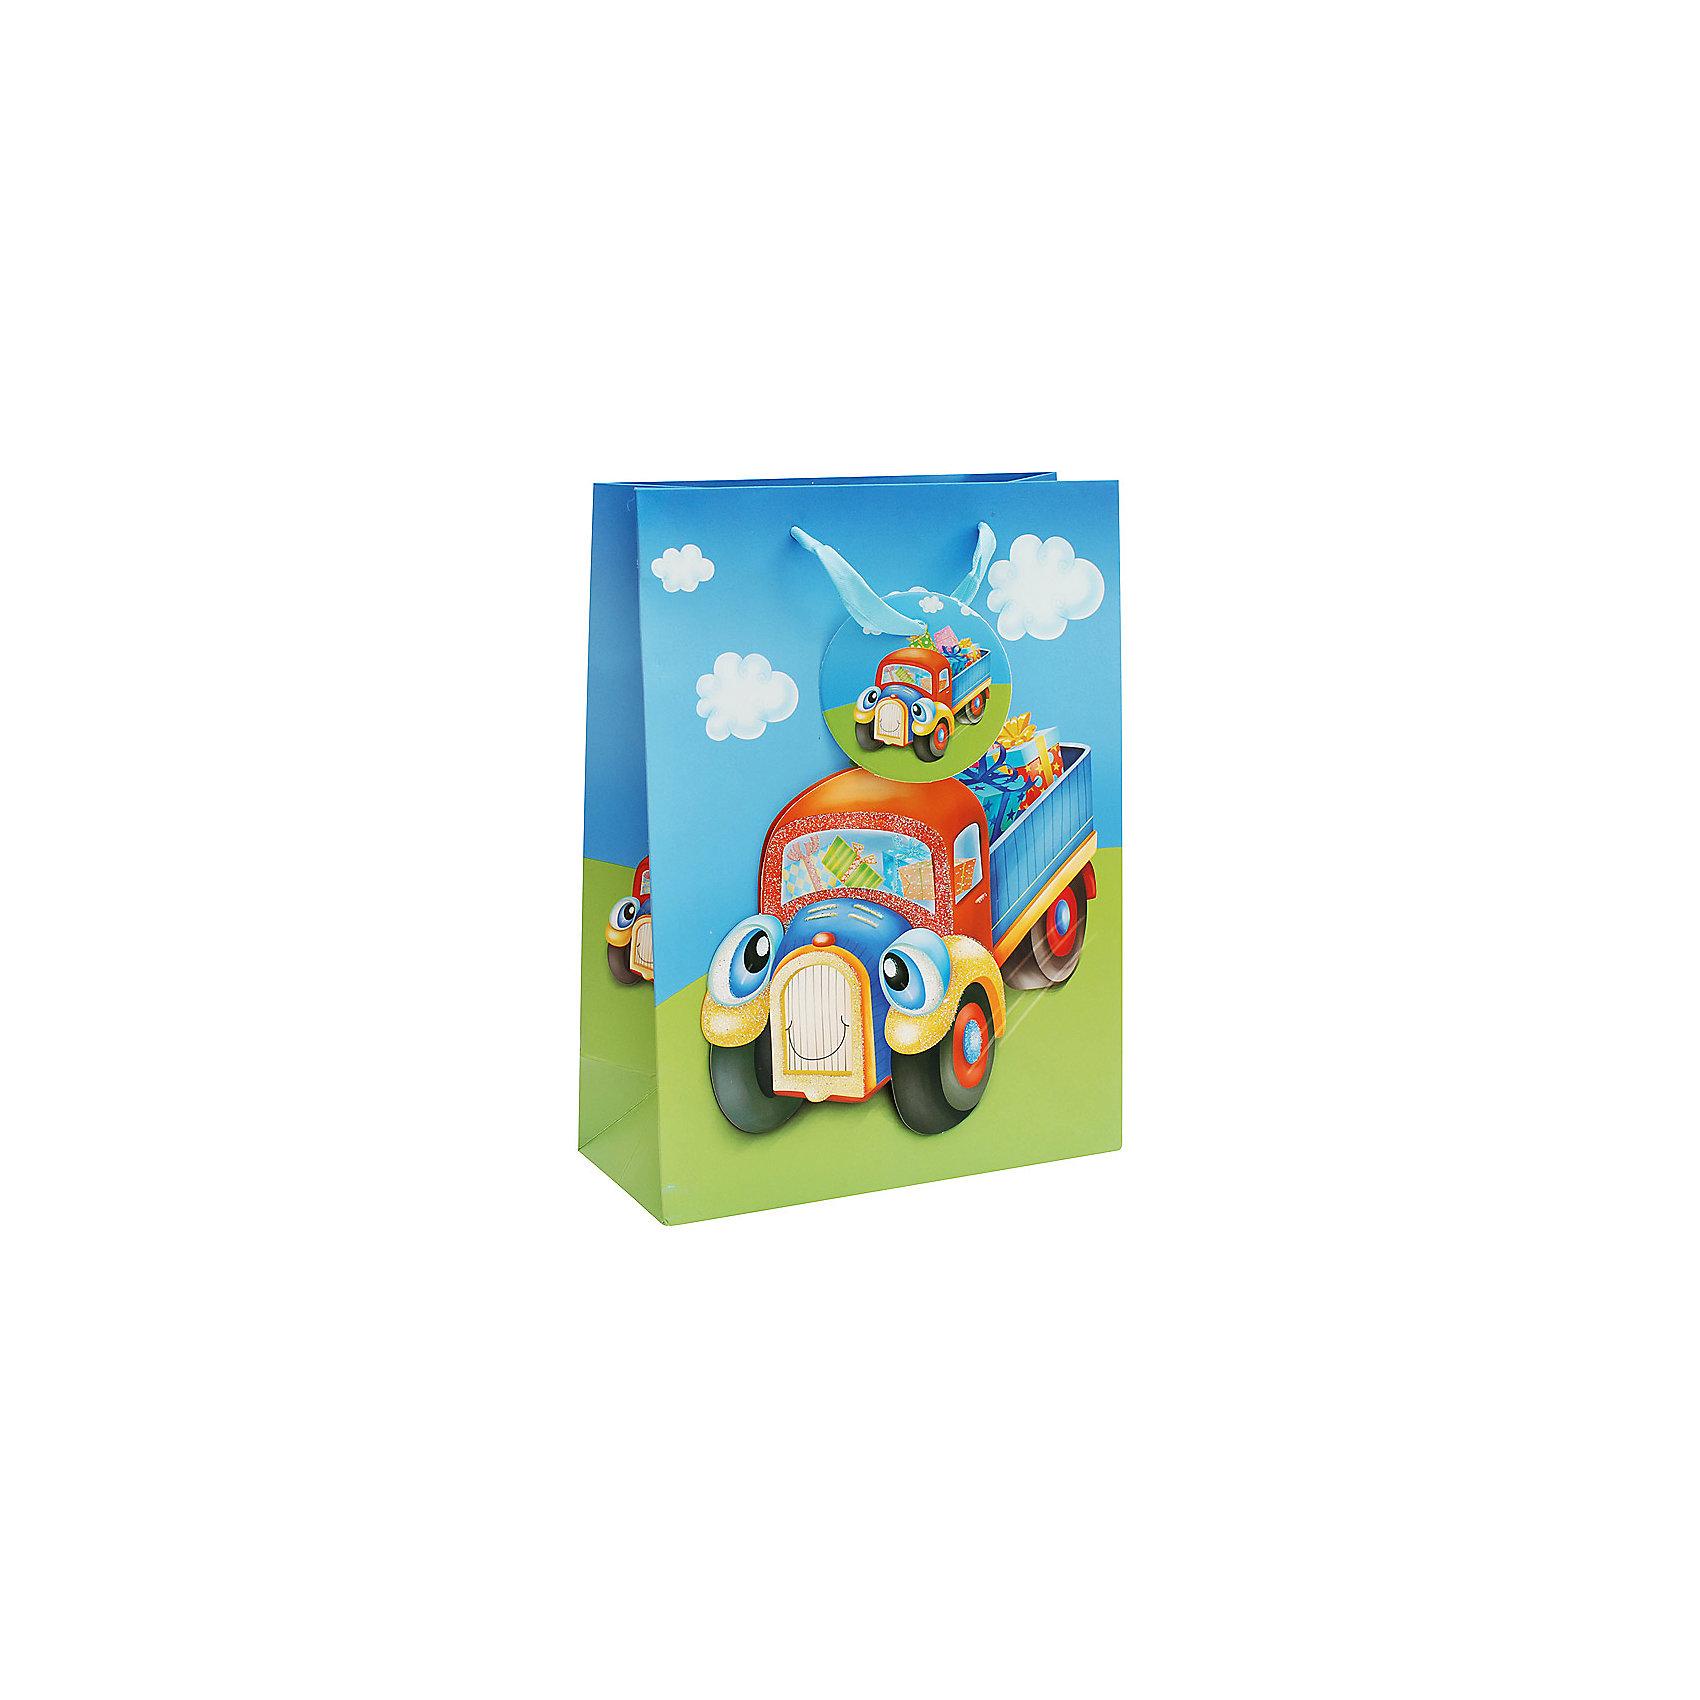 Подарочный пакет Грузовик 18*8*24 смВсё для праздника<br>Пакет Грузовичок, Белоснежка.<br><br>Характеристики:<br><br>• объемные элементы<br>• яркий дизайн<br>• прочные материалы<br>• состав: бумага<br>• размер: 18х8х24 см<br><br>В выборе подарка большое значение имеет и упаковка. Пакет Грузовичок имеет яркий дизайн и объемные элементы, что непременно произведет впечатление на получателя подарка. На пакете изображен красочный веселый грузовик, везущий подарки. Пакет выполнен из качественной плотной бумаги. Такая упаковка добавит веселья в праздничную атмосферу!<br><br>Вы можете купить пакет Грузовичок в нашем интернет-магазине.<br><br>Ширина мм: 240<br>Глубина мм: 180<br>Высота мм: 80<br>Вес г: 40<br>Возраст от месяцев: 72<br>Возраст до месяцев: 144<br>Пол: Женский<br>Возраст: Детский<br>SKU: 5089598